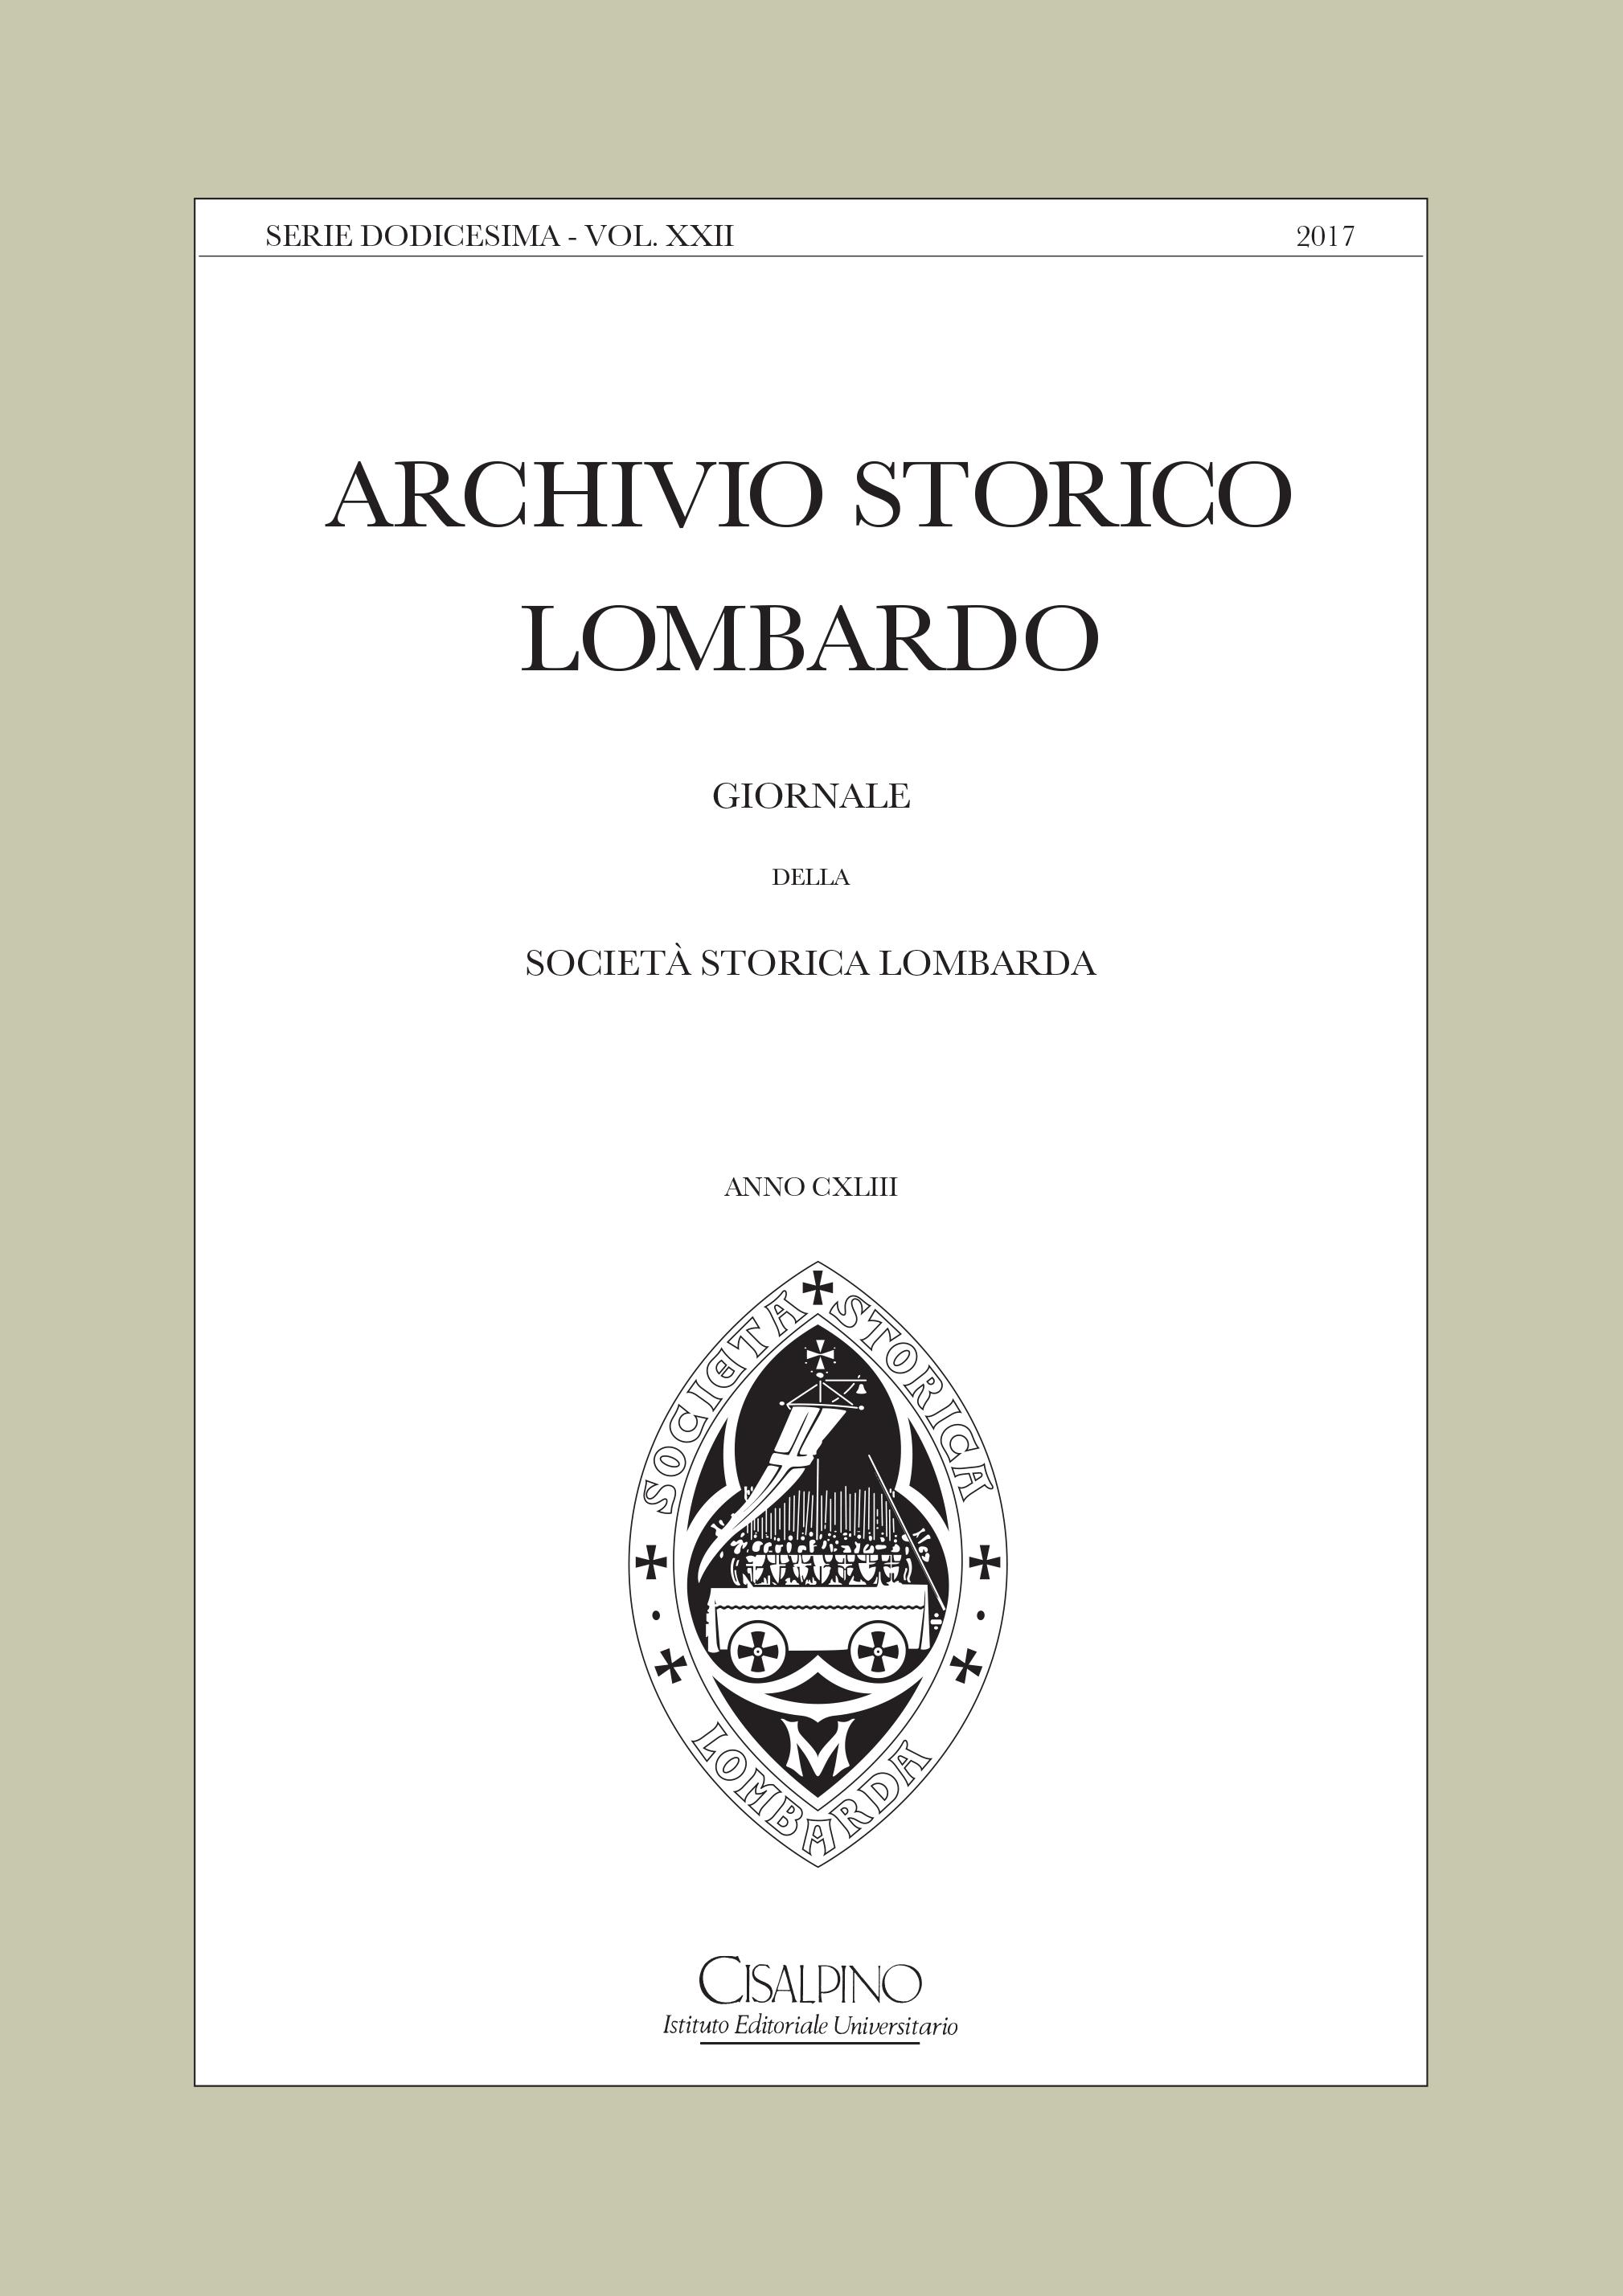 Archivio-Storico-Lombardo-2017-Cisalpino